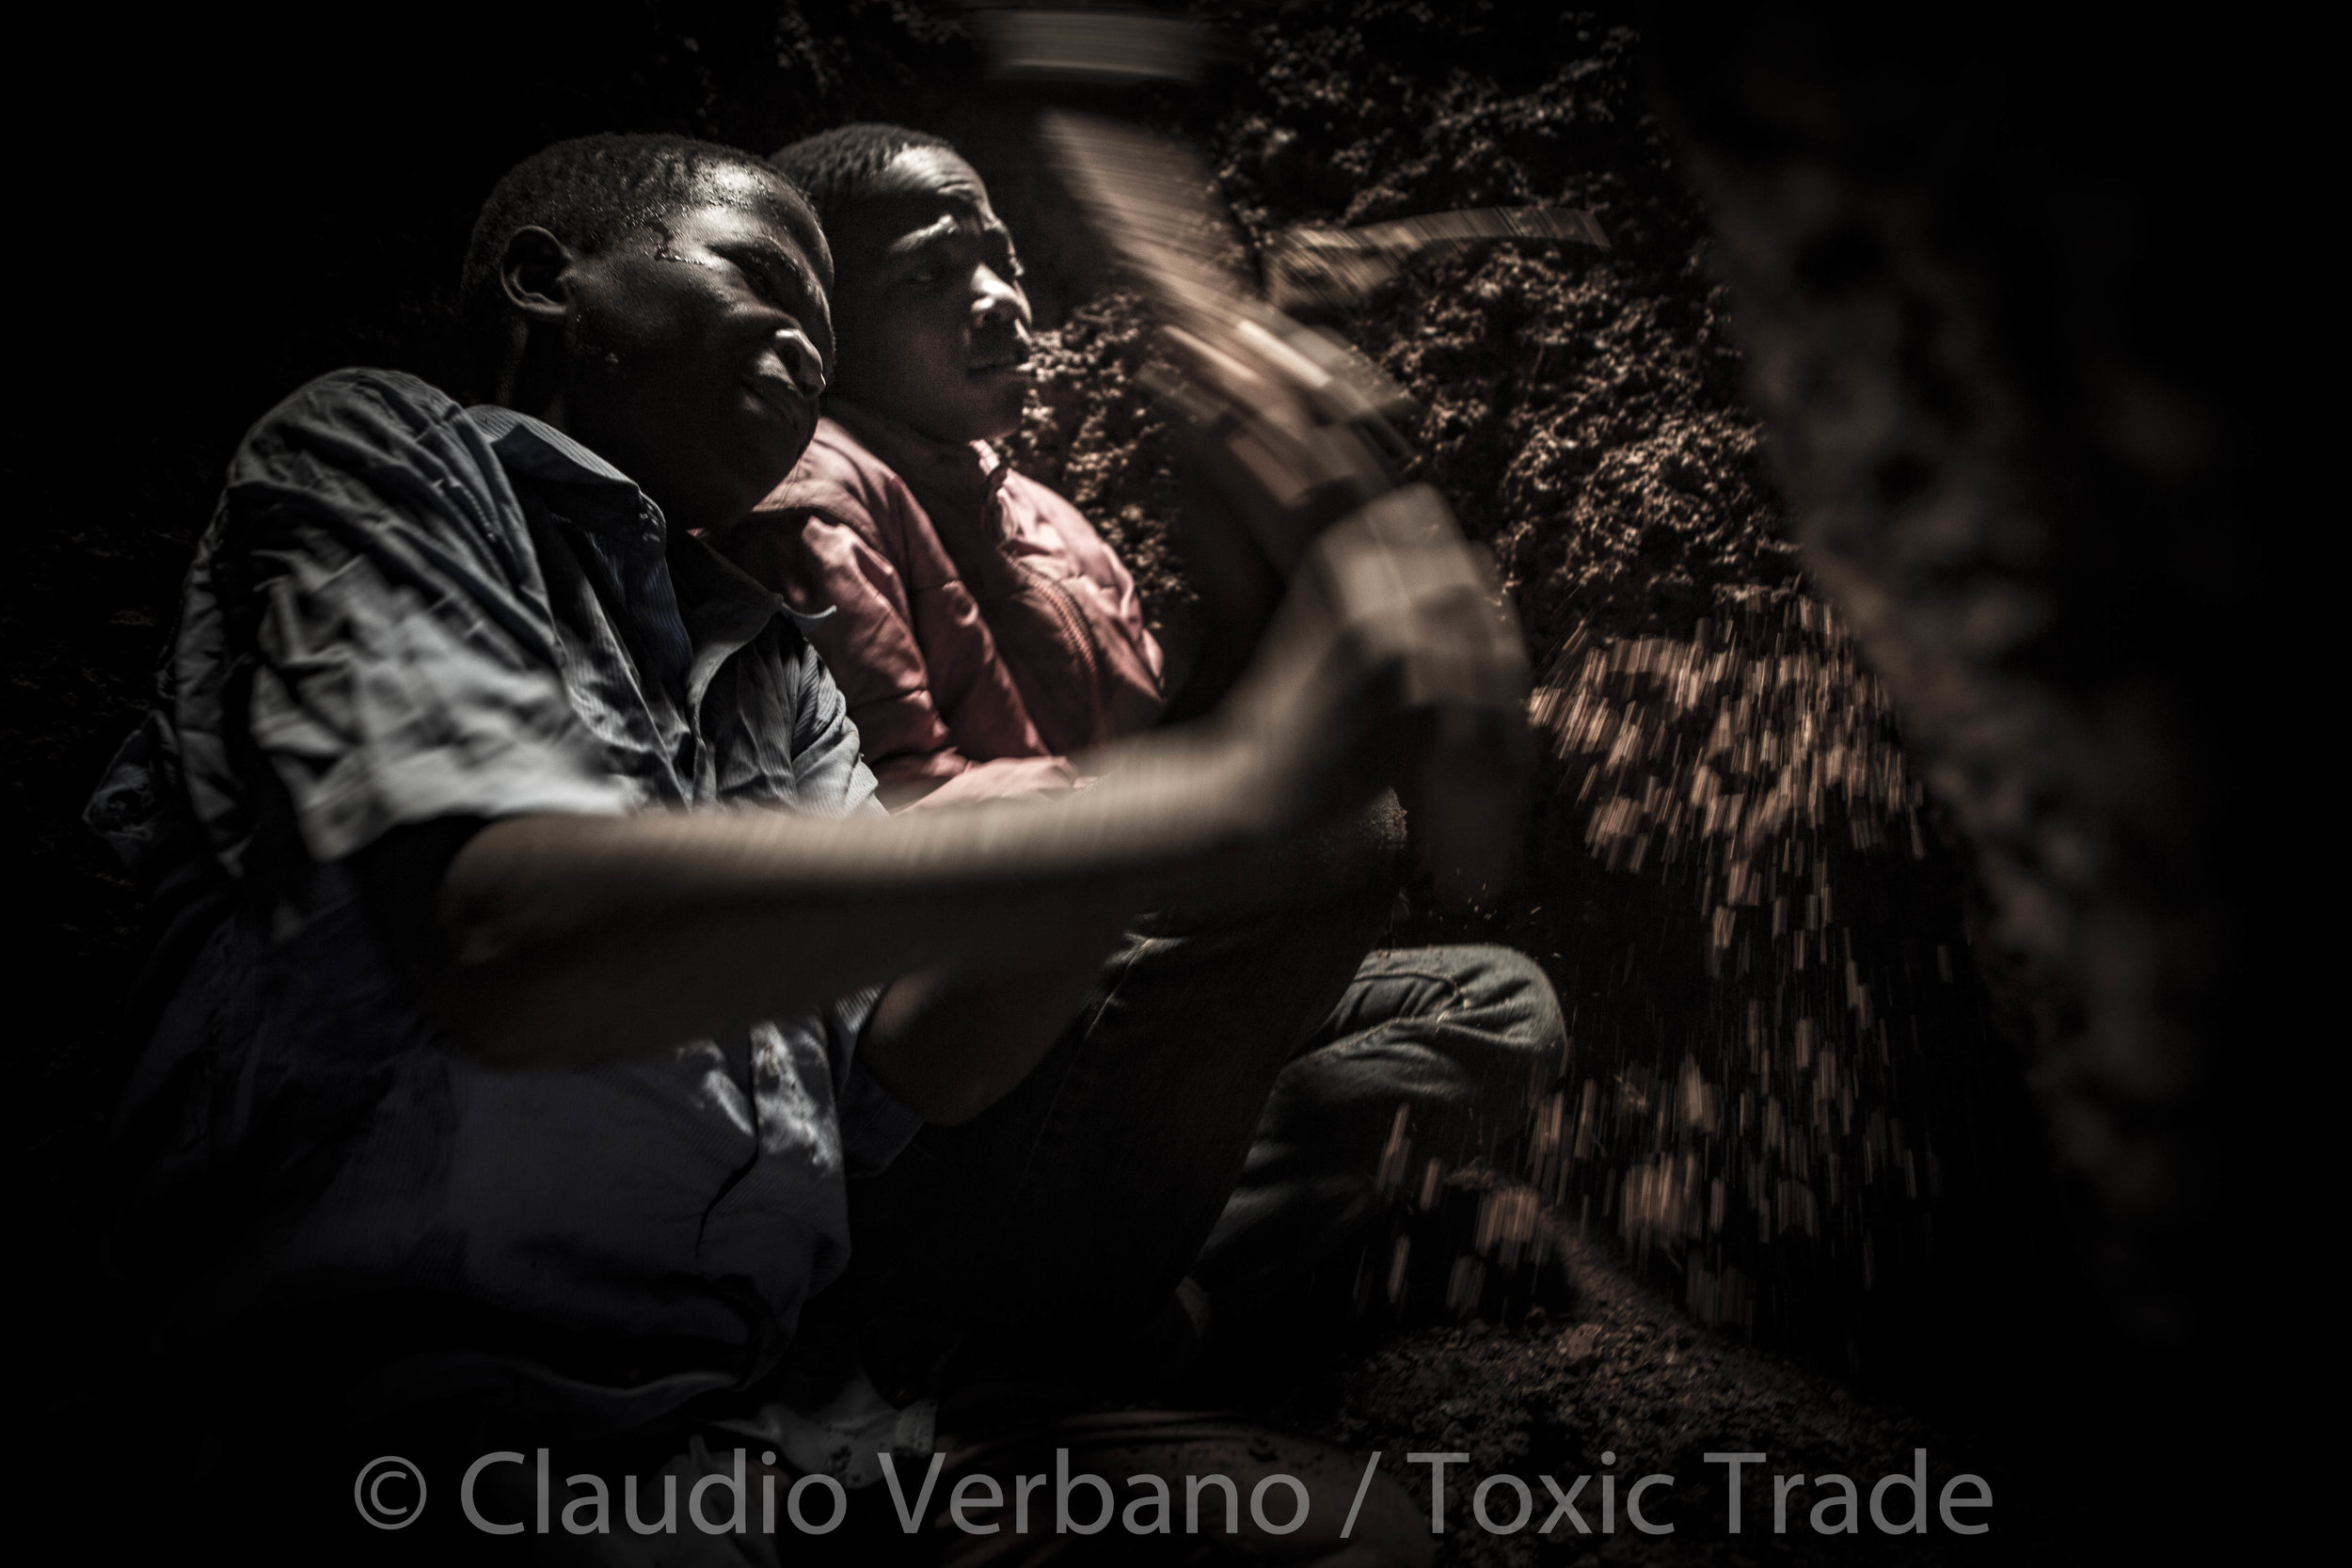 ClaudioVerbano_ToxicTrade_web_01.jpg